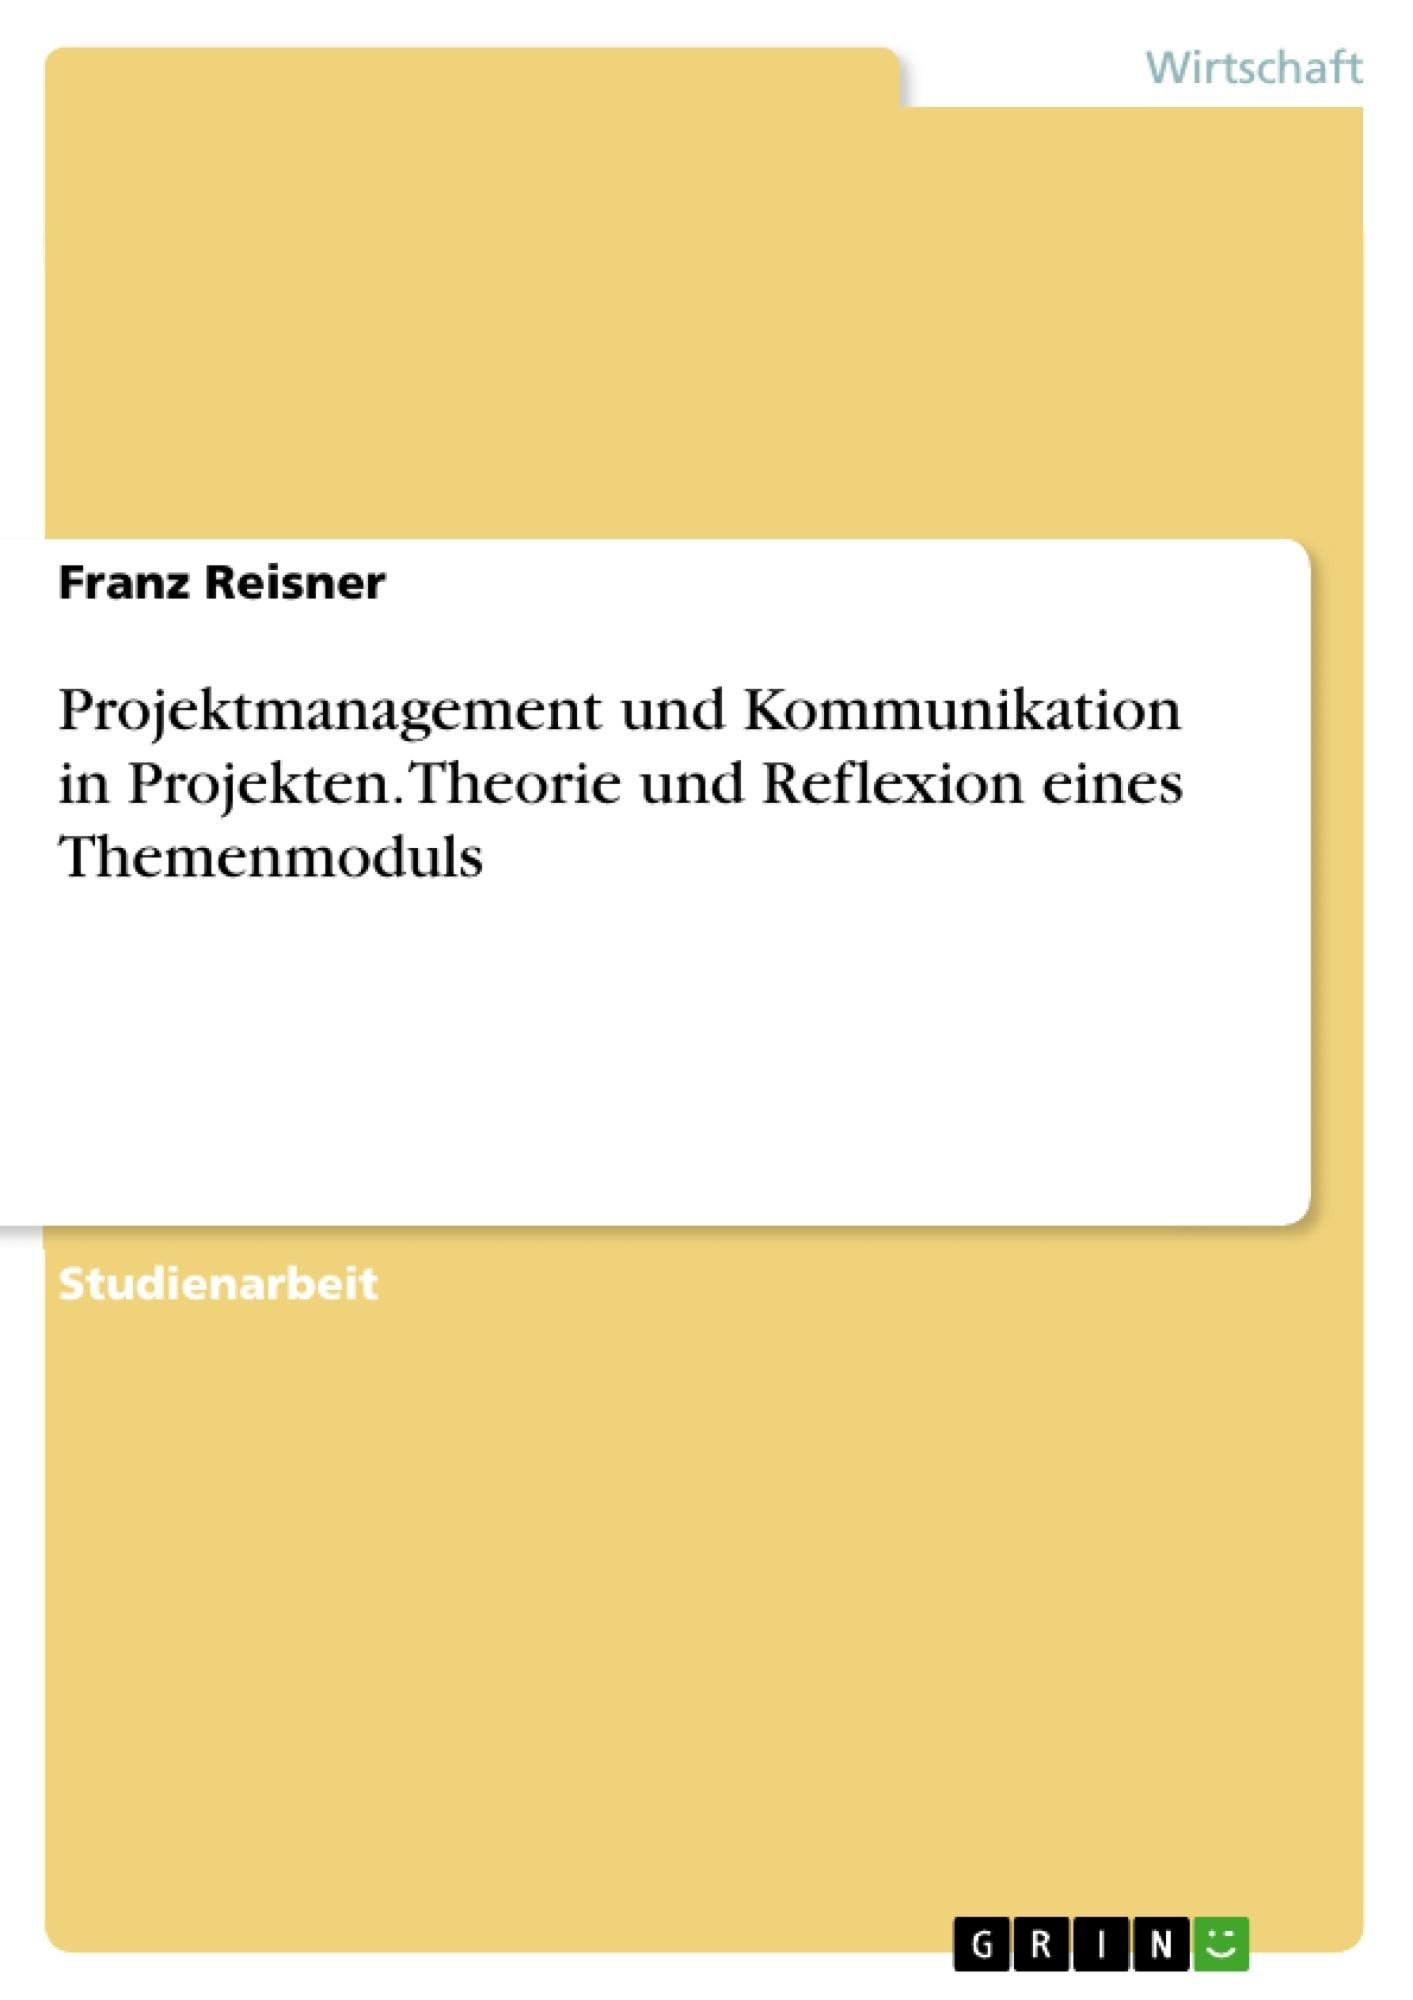 Titel: Projektmanagement und Kommunikation in Projekten. Theorie und Reflexion eines Themenmoduls